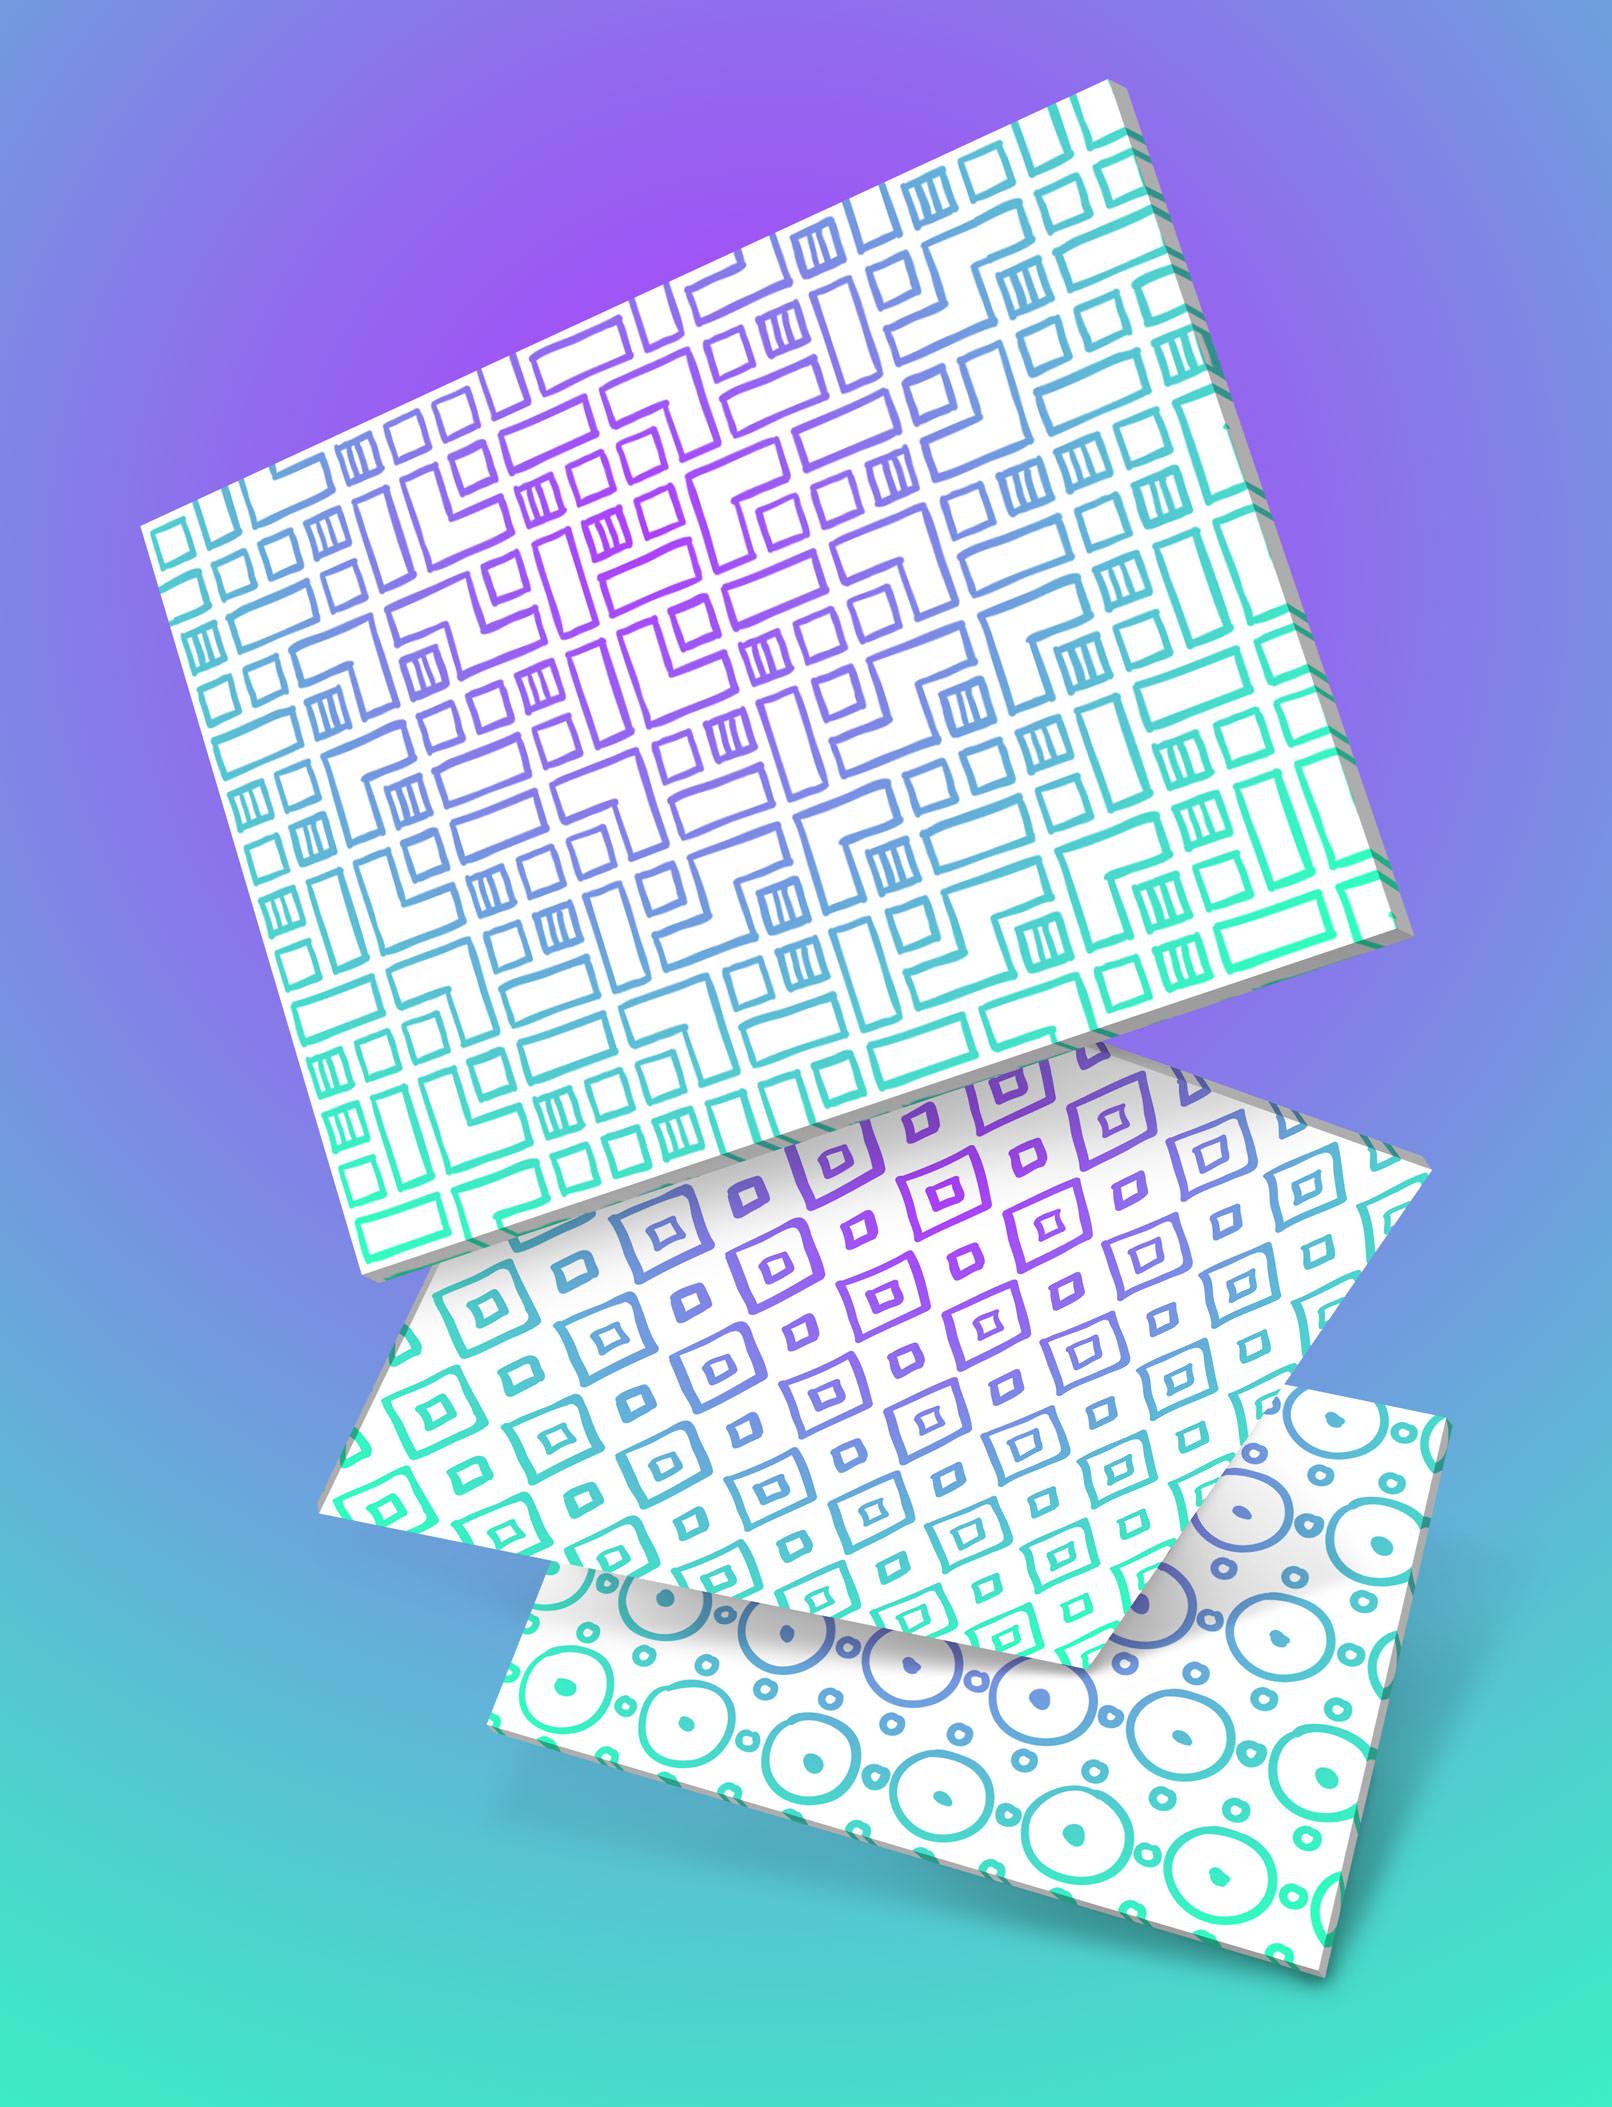 Hintergründe, die mit den vektorbasierten Mustern und Ornamenten erstellt wurden